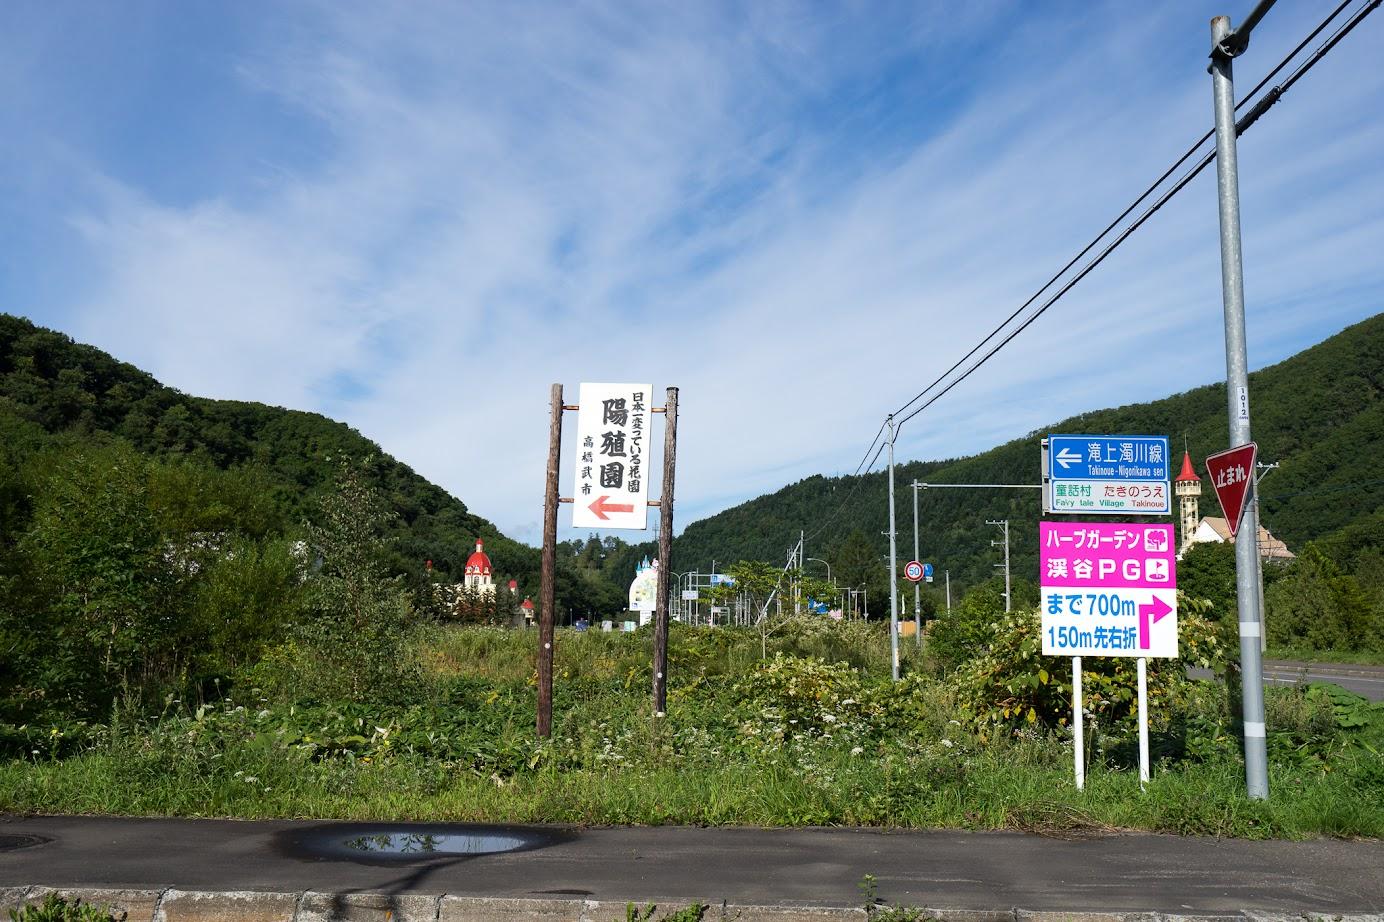 「日本一変っている花園 陽殖園 高橋武市」の立て札